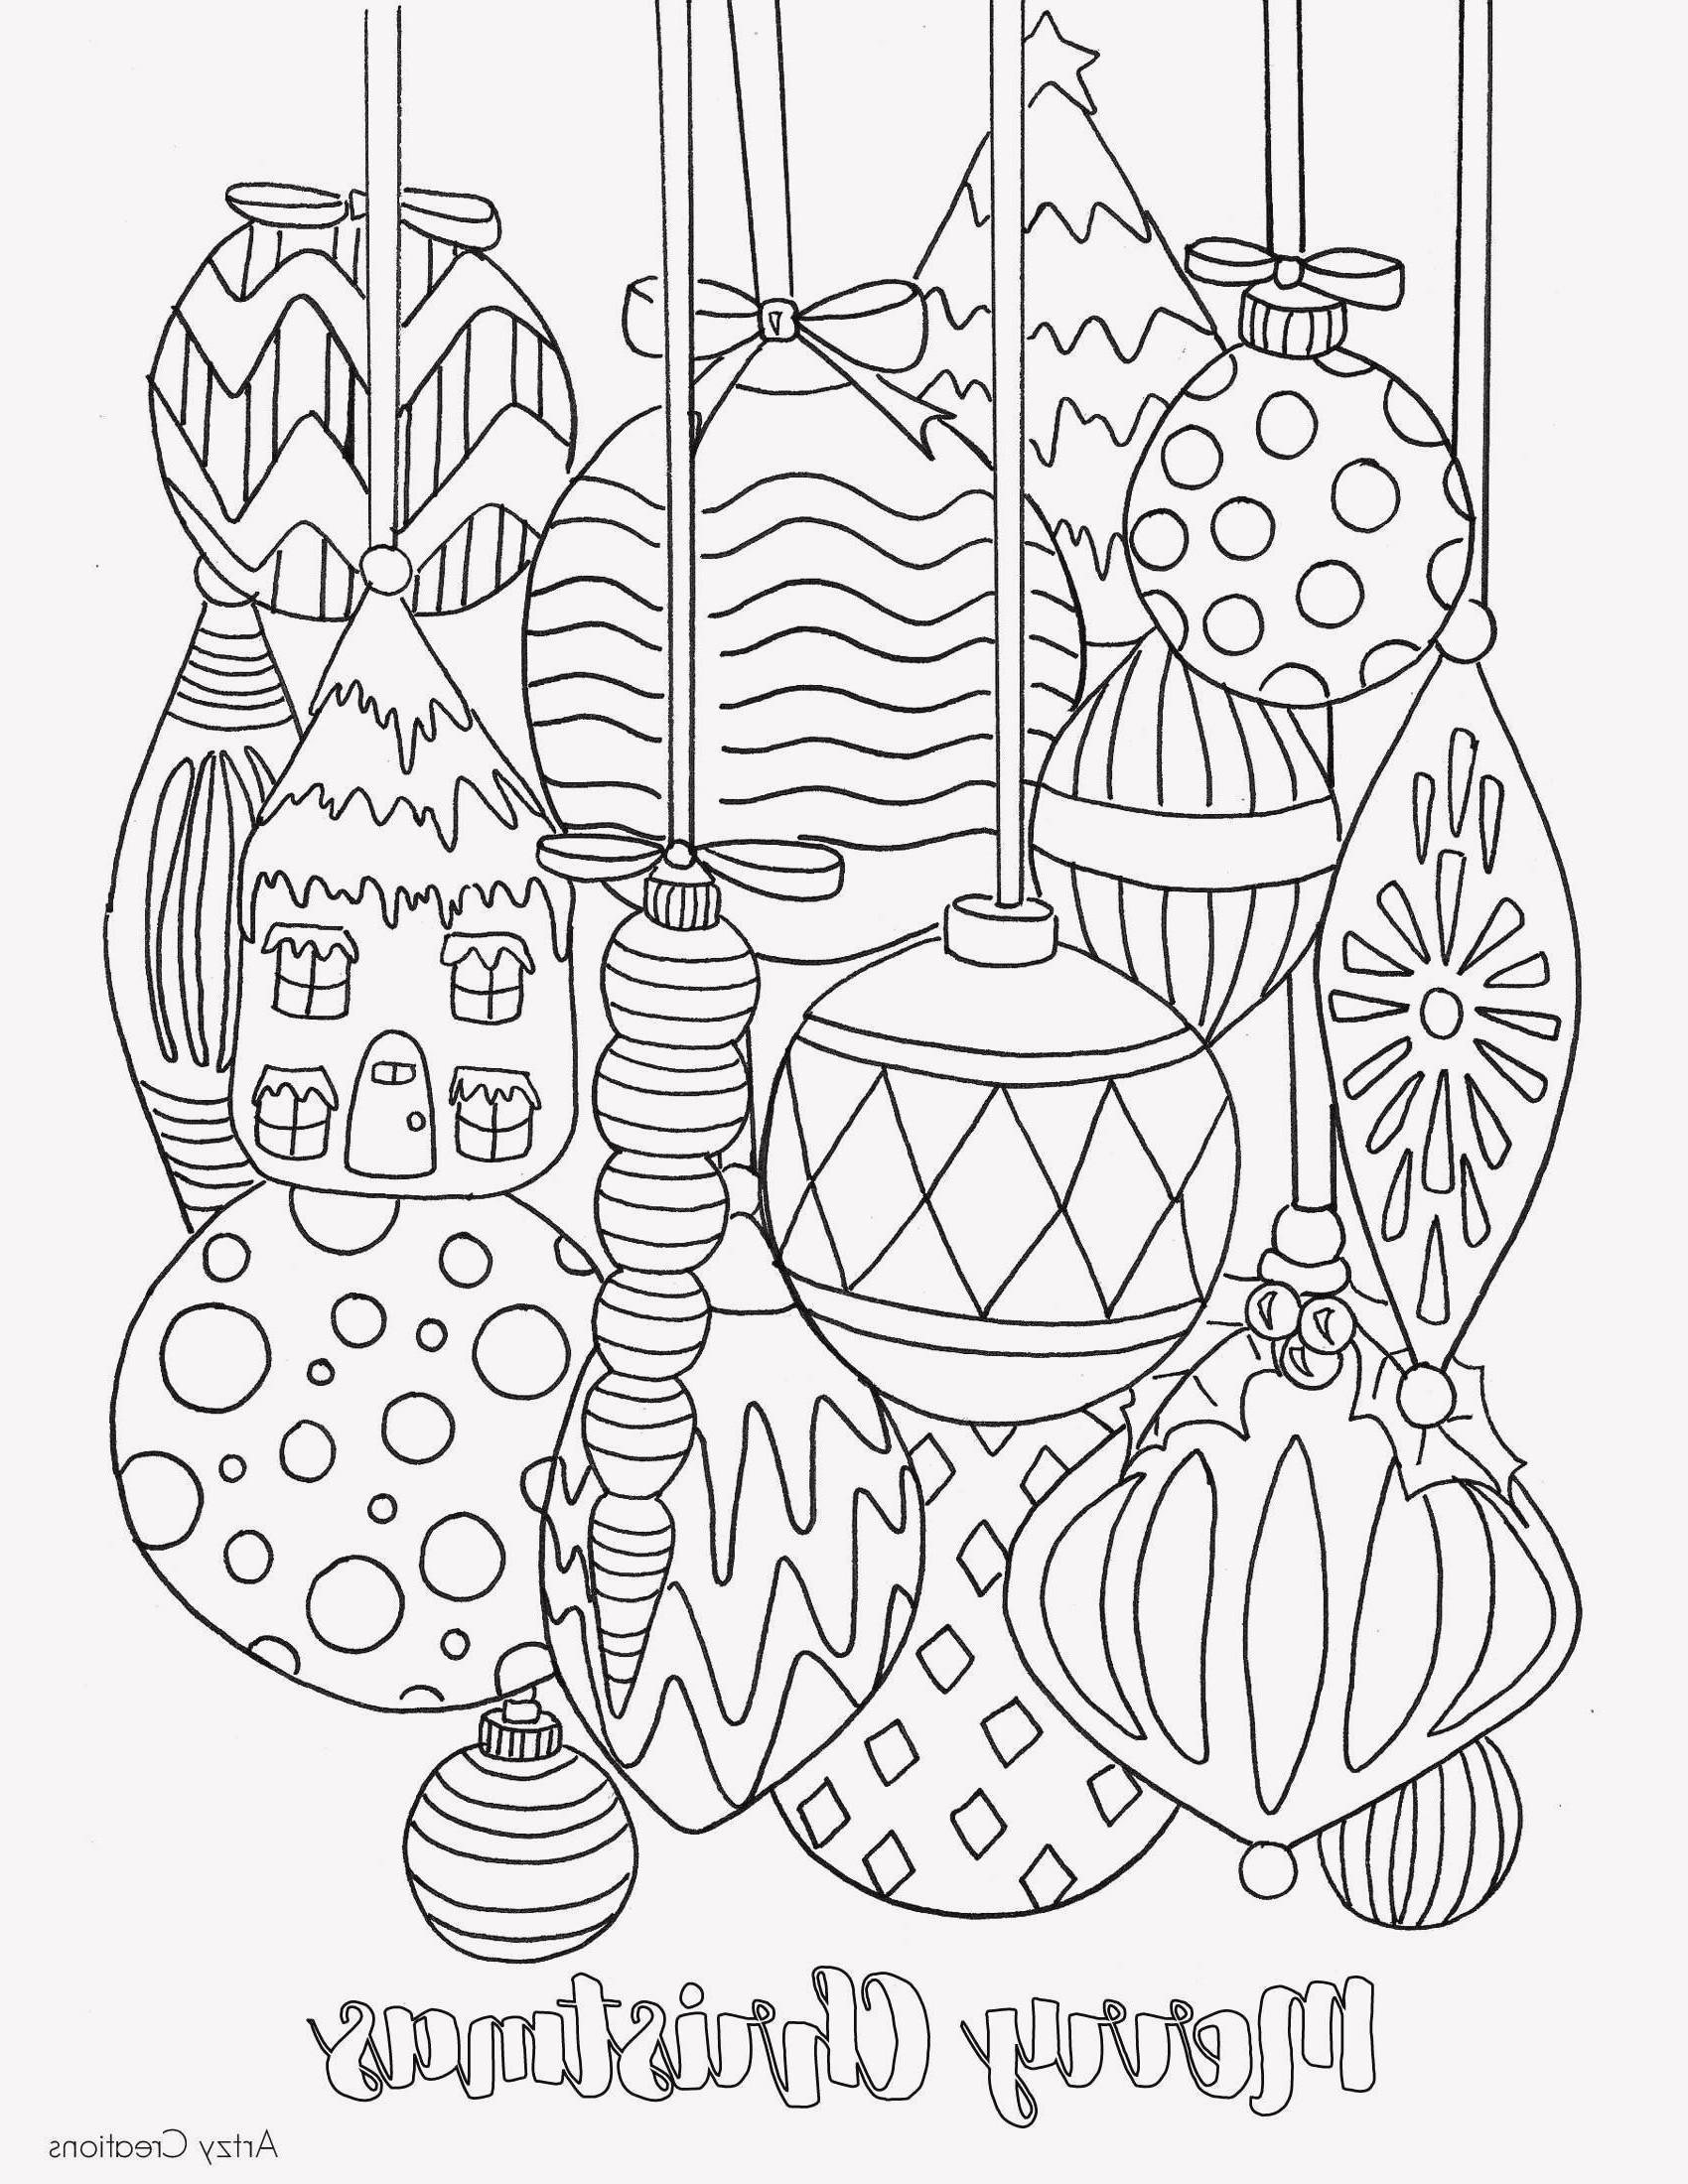 Ausmalbilder Kostenlos Violetta Inspirierend 31 Fantastisch Ausmalbilder Violetta – Malvorlagen Ideen Stock